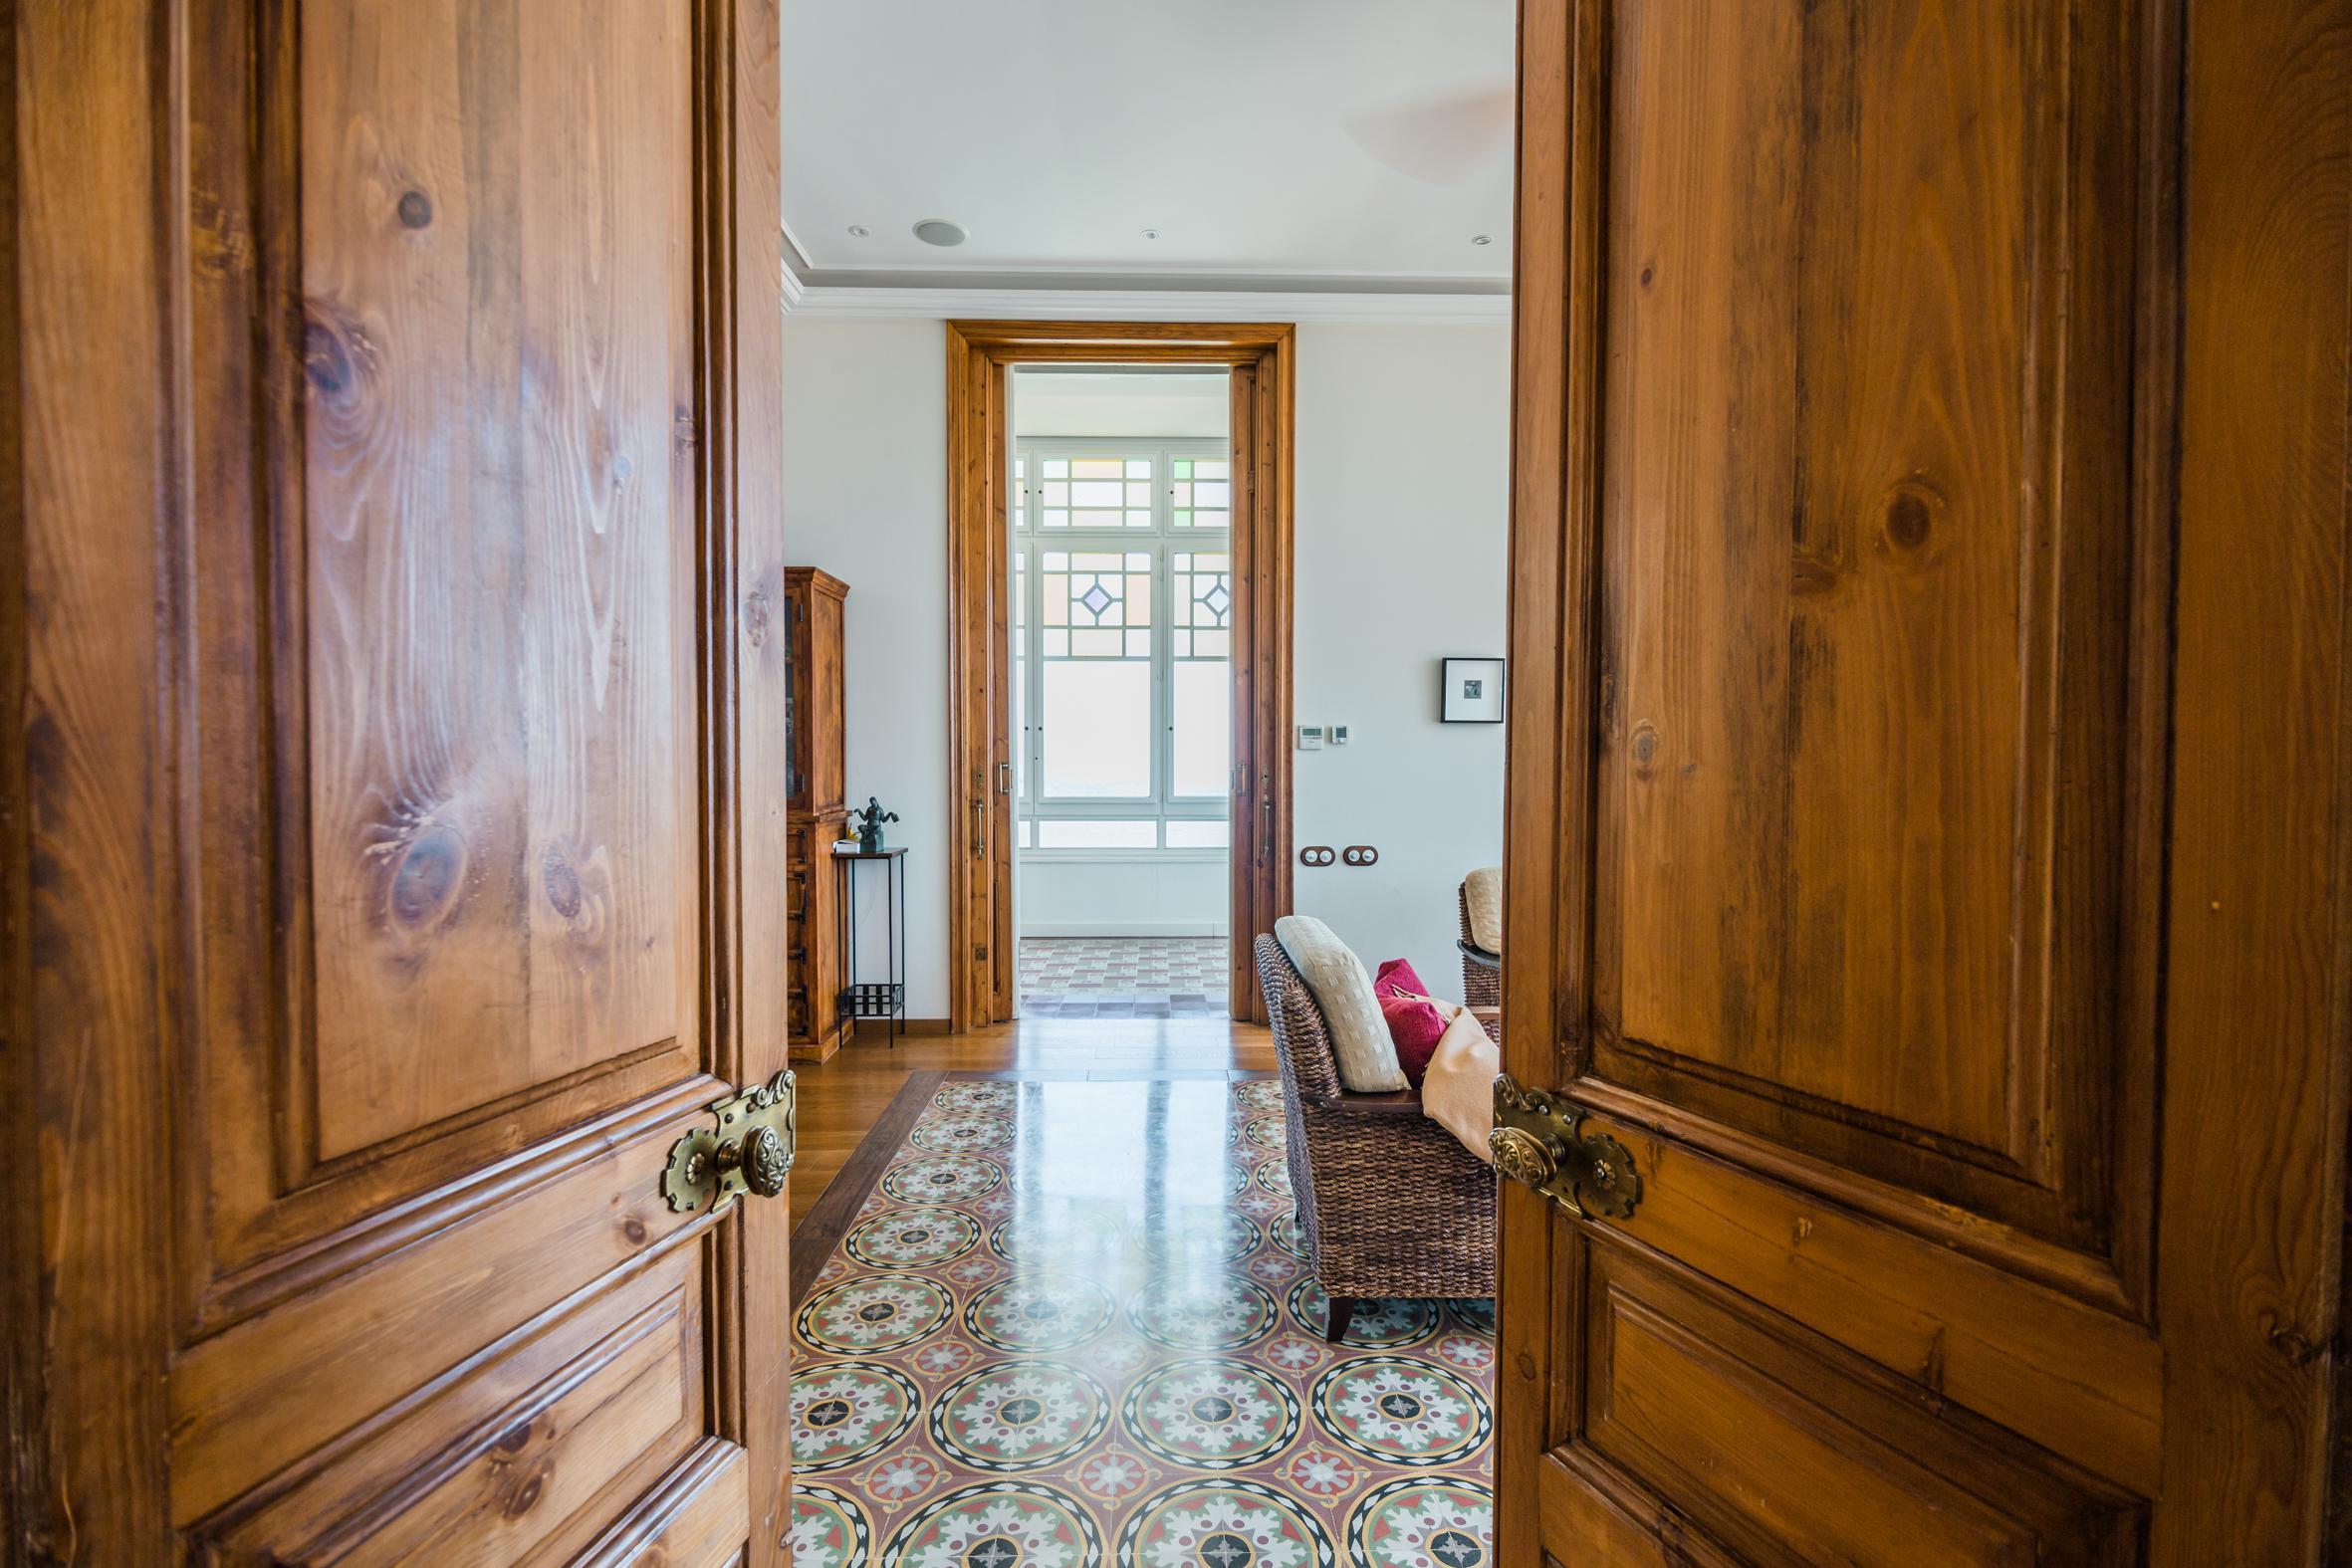 208148 Casa Aislada en venta en Sarrià-Sant Gervasi, Sarrià 3